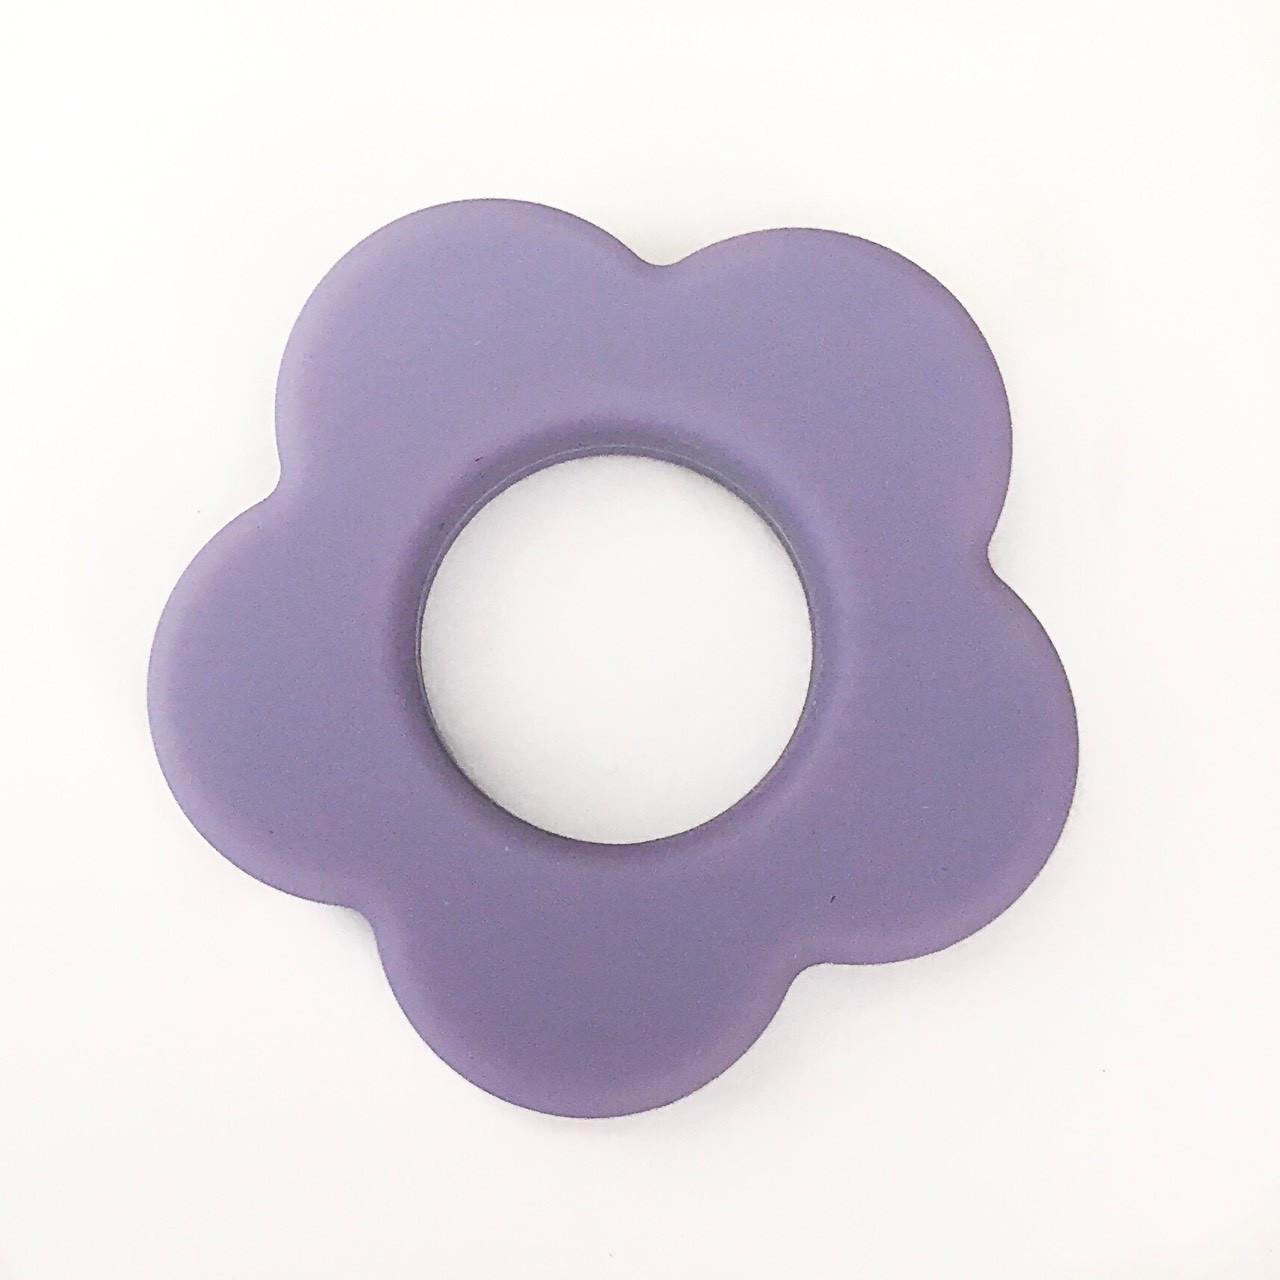 Колечко - Цветок (силиконовое) - Серенити - EASY HOBBY. Силиконовые бусины и фурнитура в Одессе